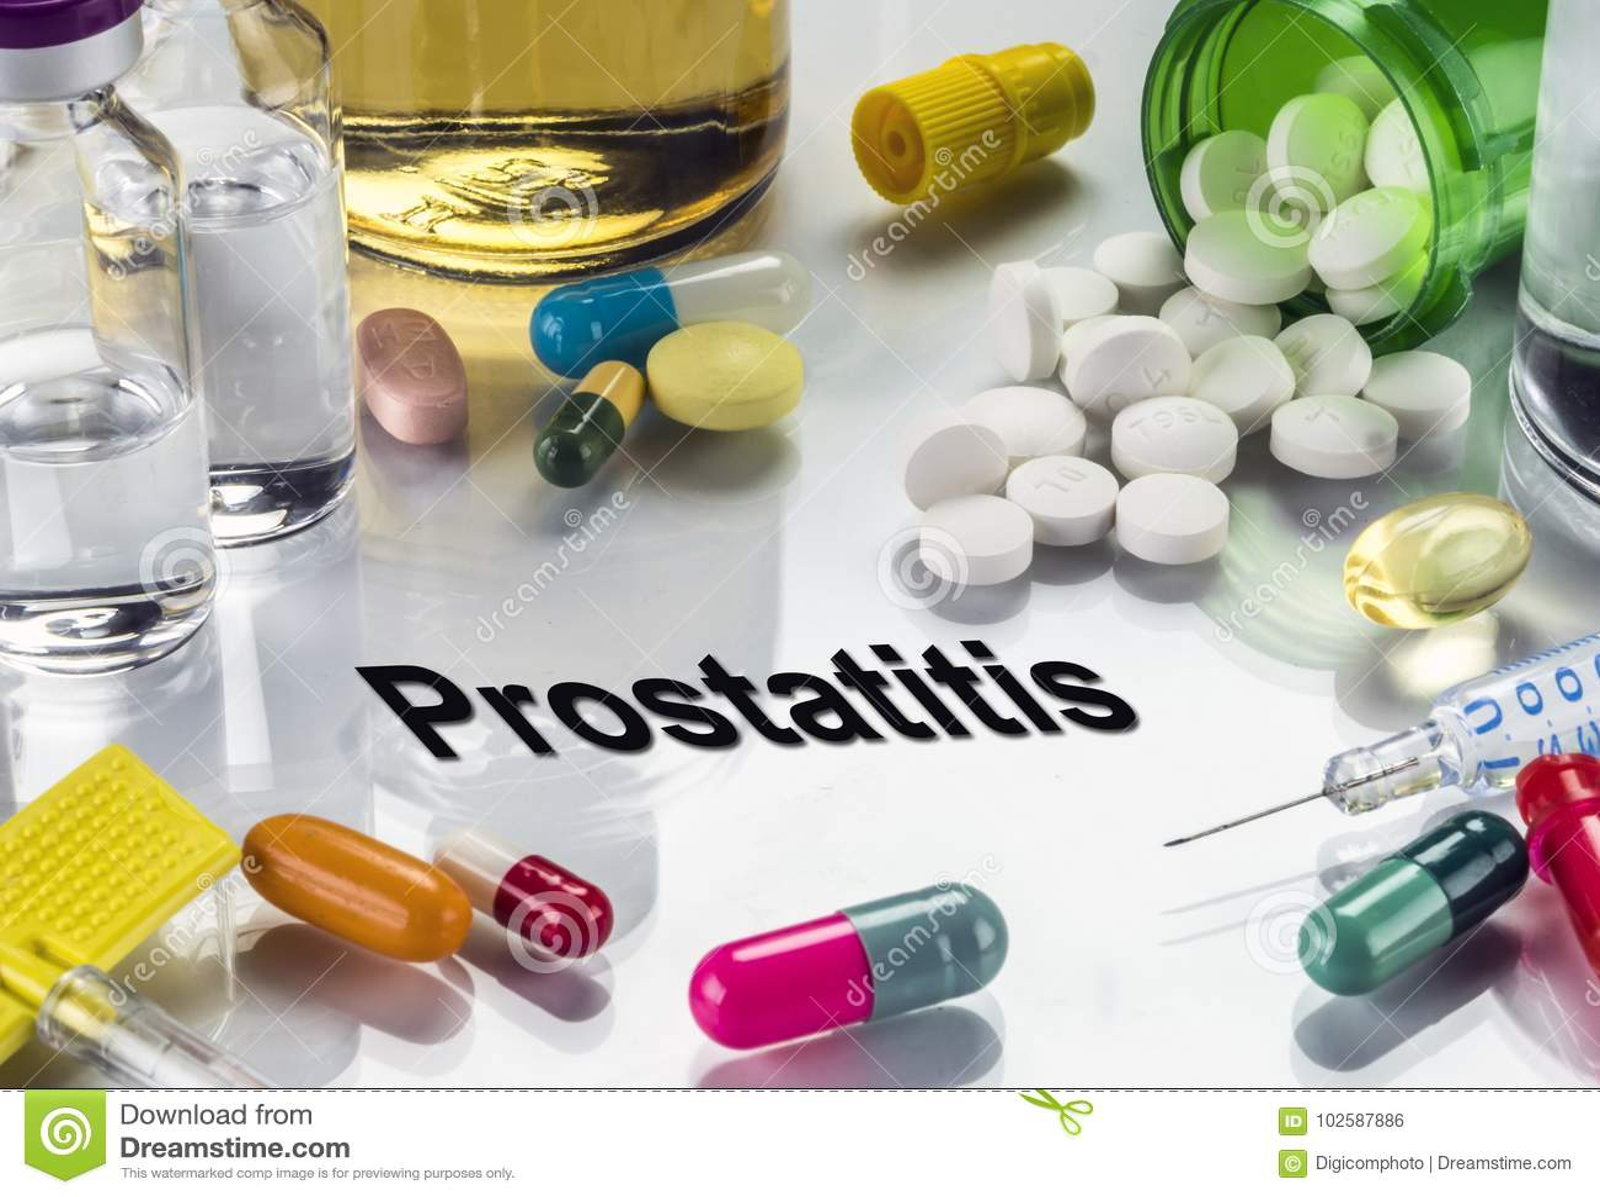 prostatite definicion signos y sintomas